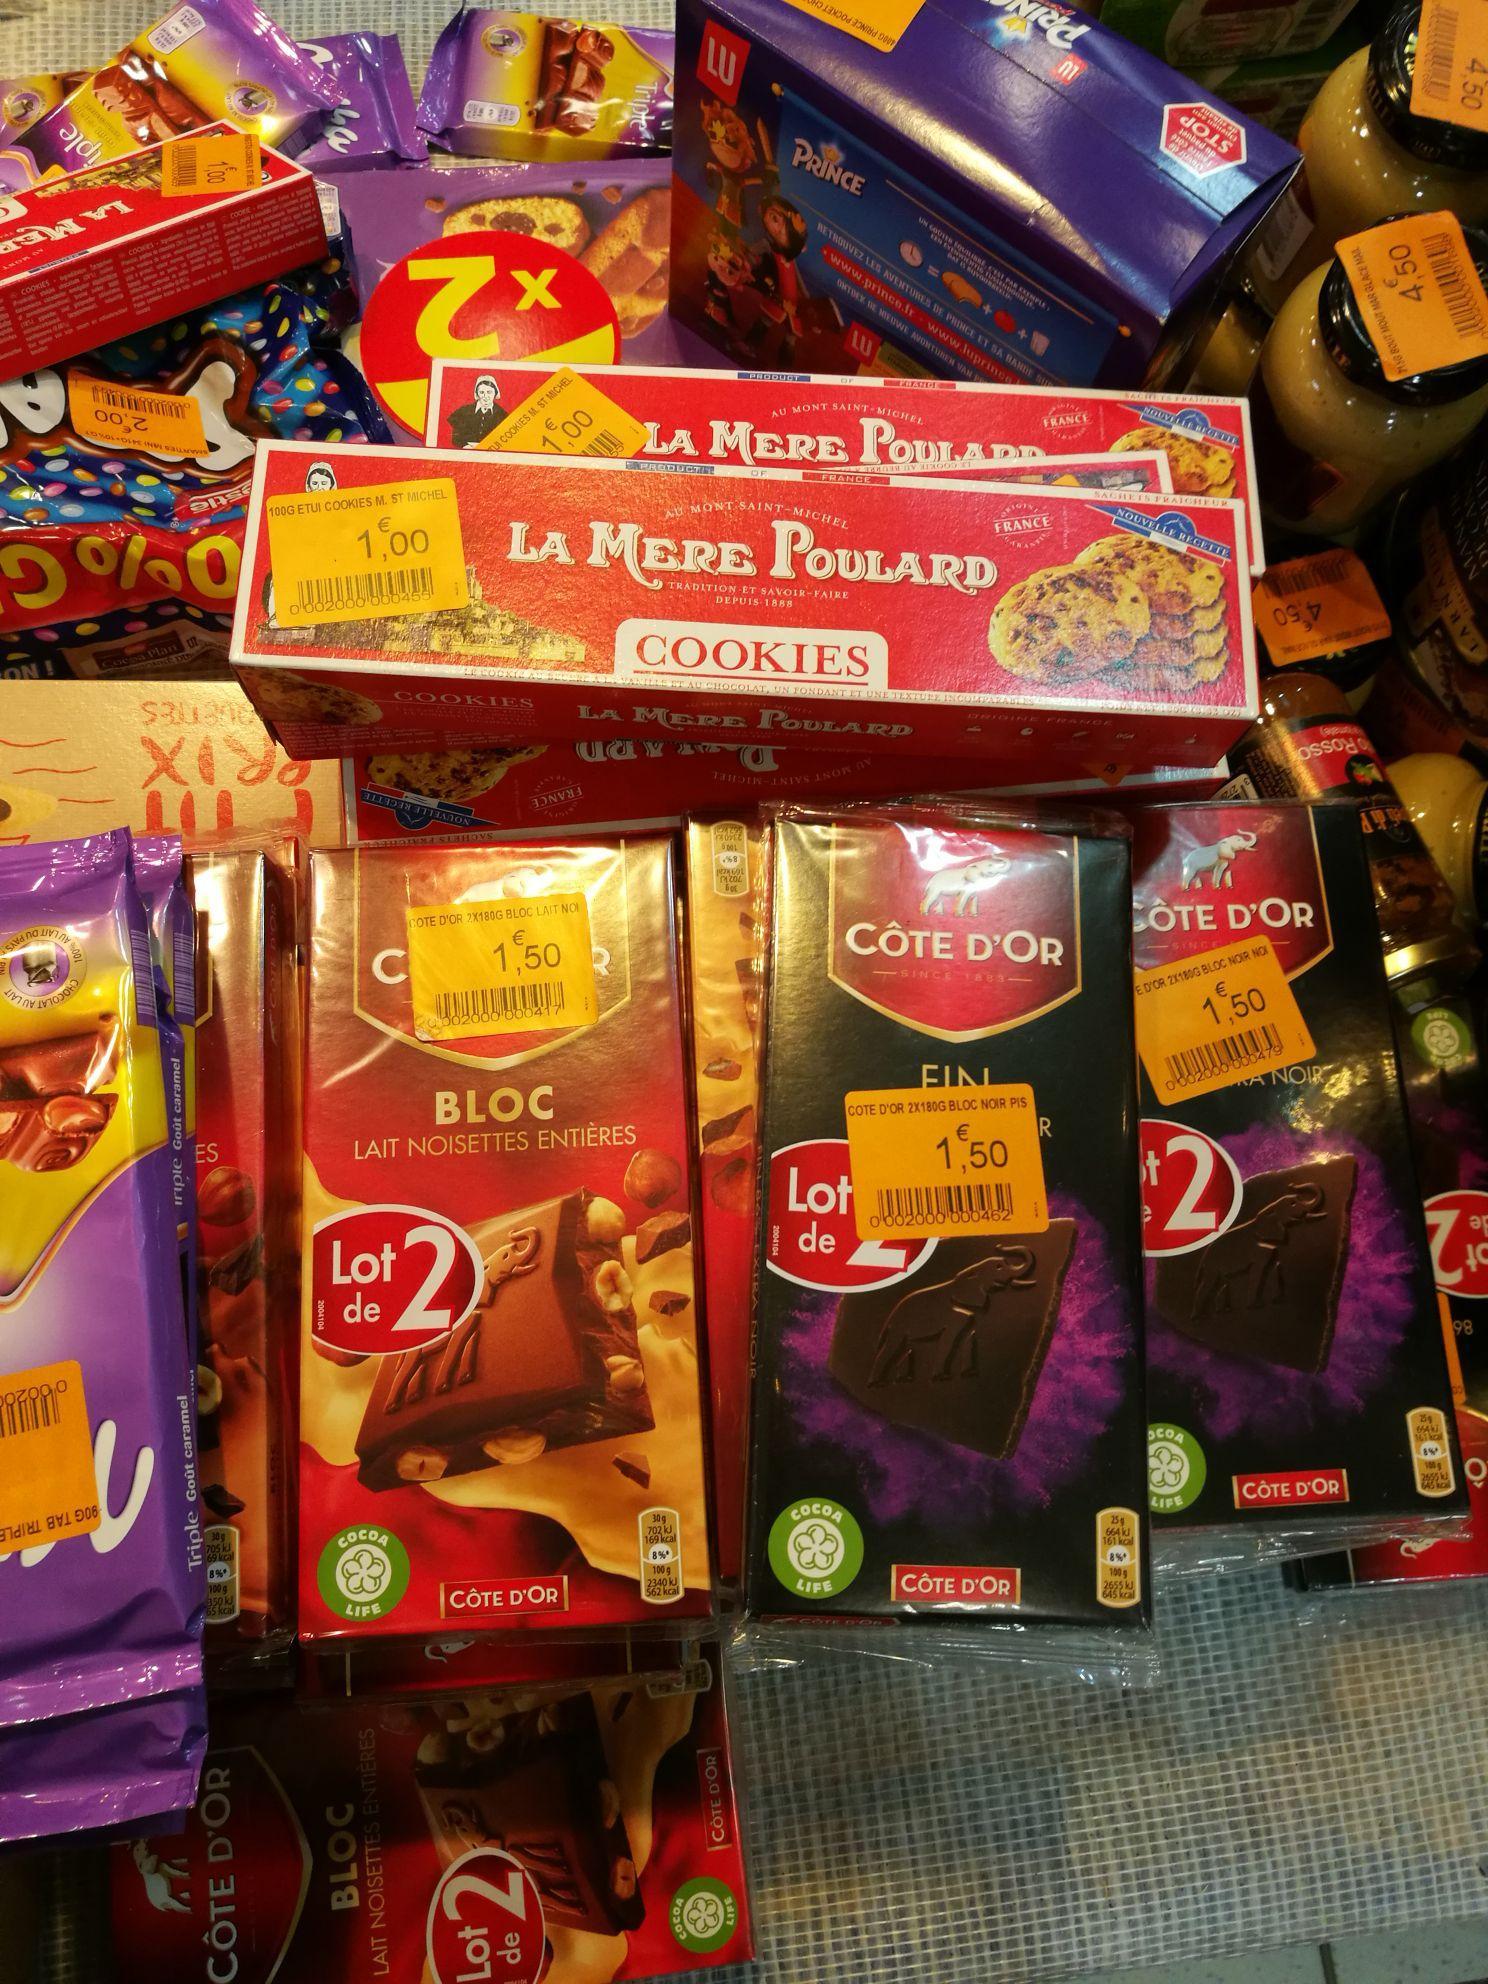 Sélection de chocolats en promotion - Ex: 2 Tablettes de chocolat Cote d'Or Lait Noisettes entières